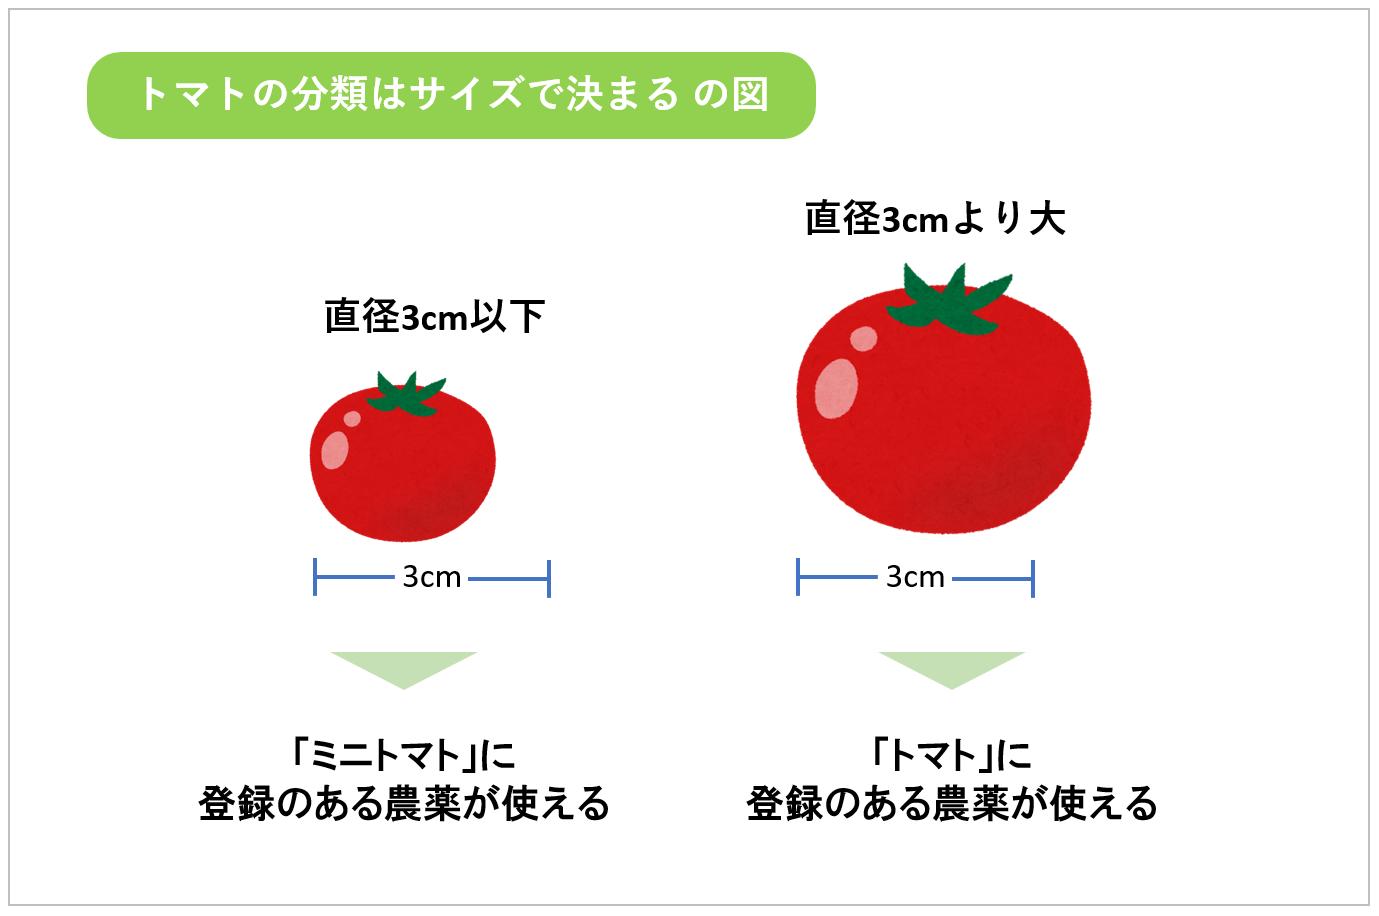 トマトの分類はサイズで決まる